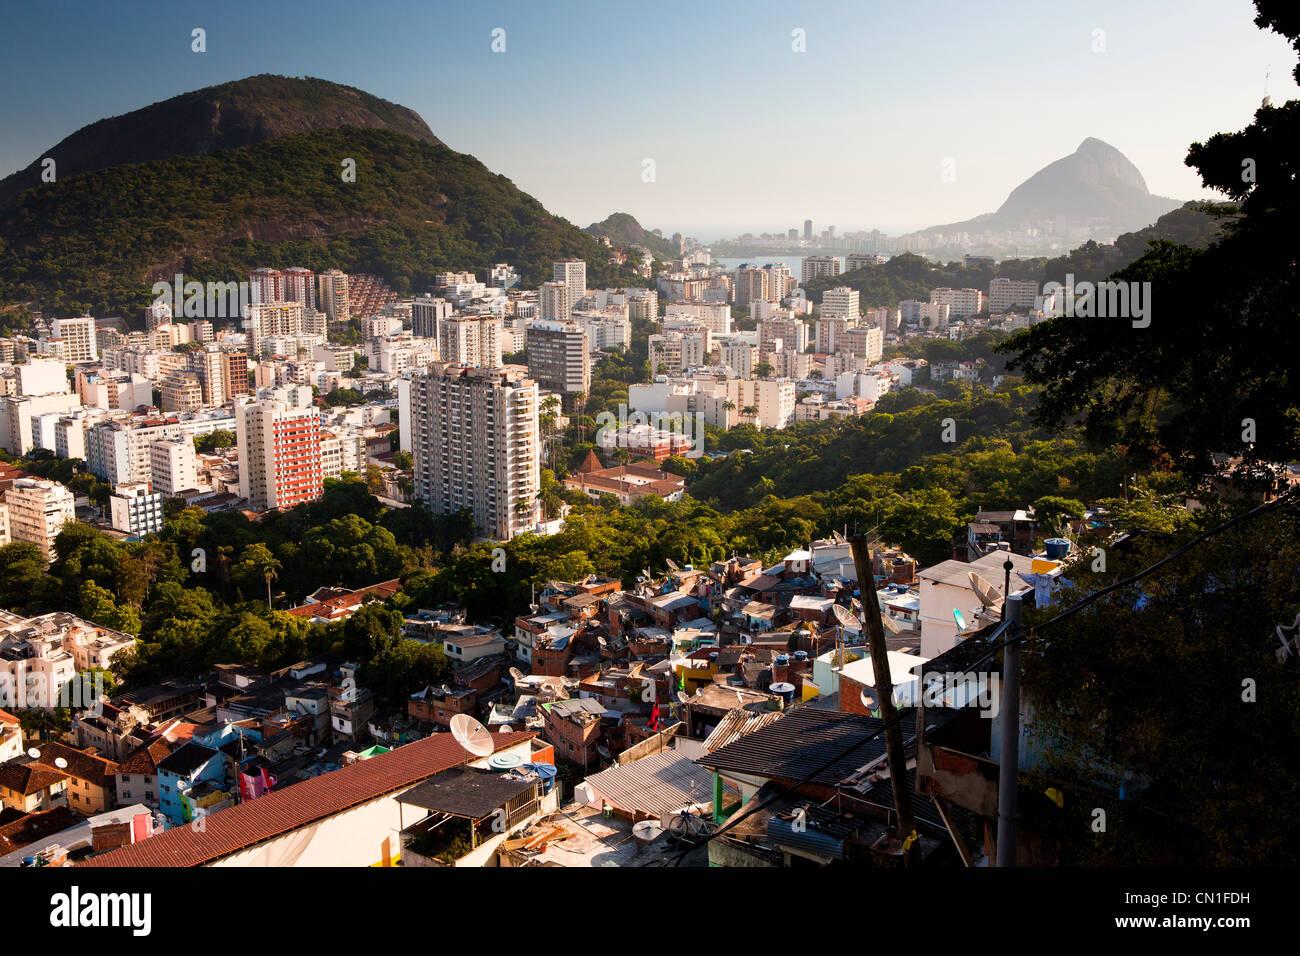 Botafogo quarter and Rodrigo de Freitas Lagoon seen from Favela Santa Marta Rio de Janeiro Brazil poverty and middle - Stock Image